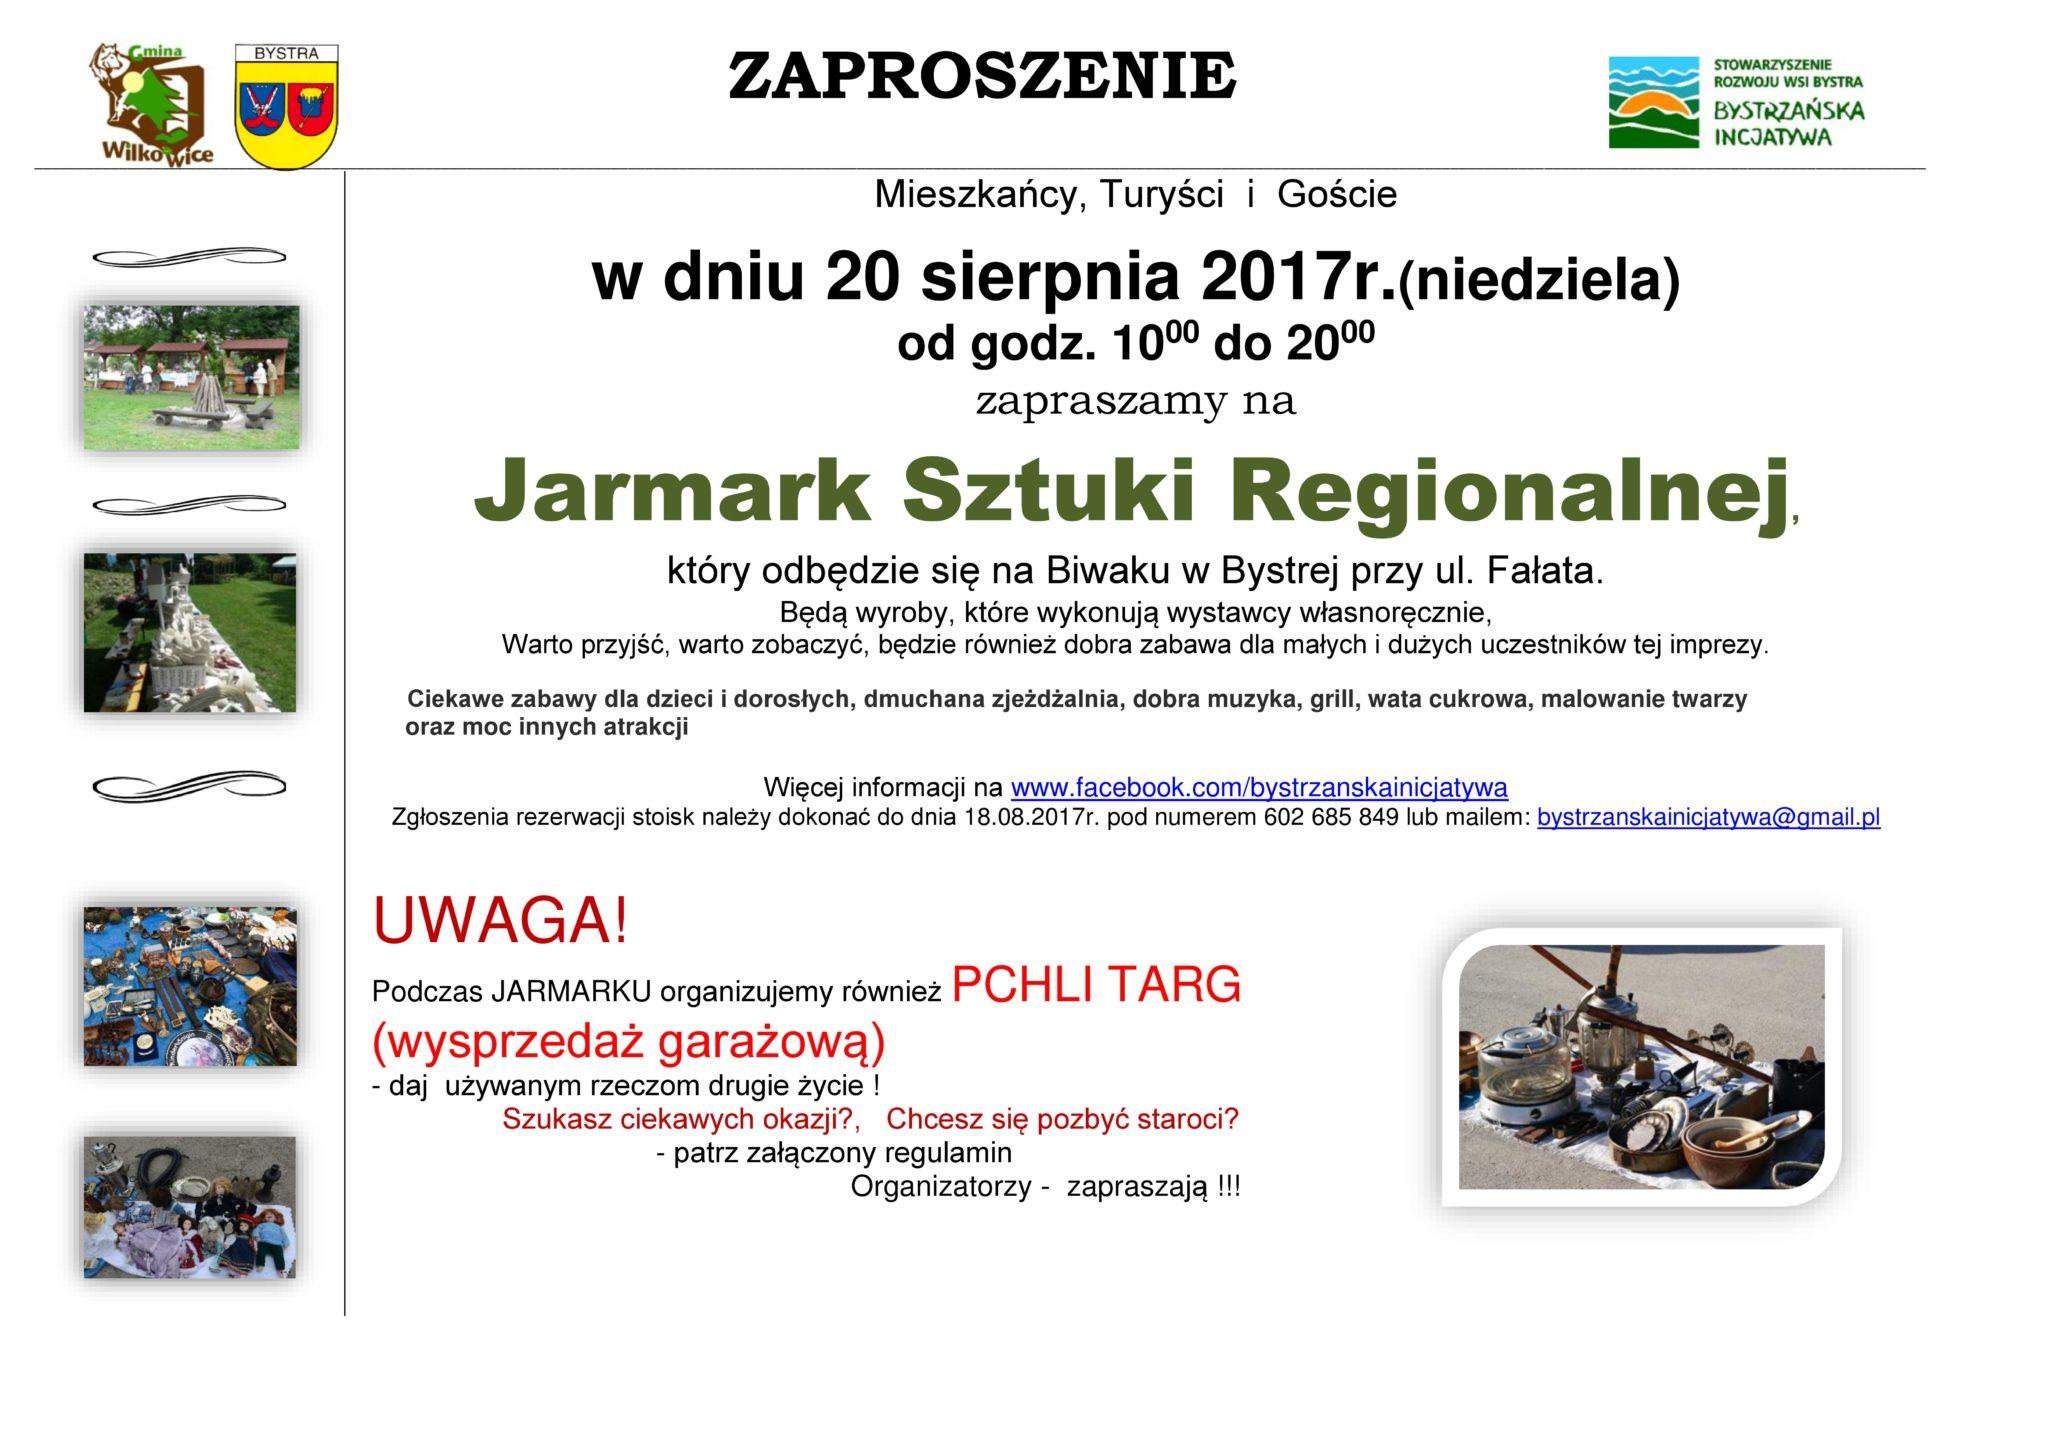 Jarmark Sztuki Regionalnej 20 sierpnia 2017r.(Niedziela)